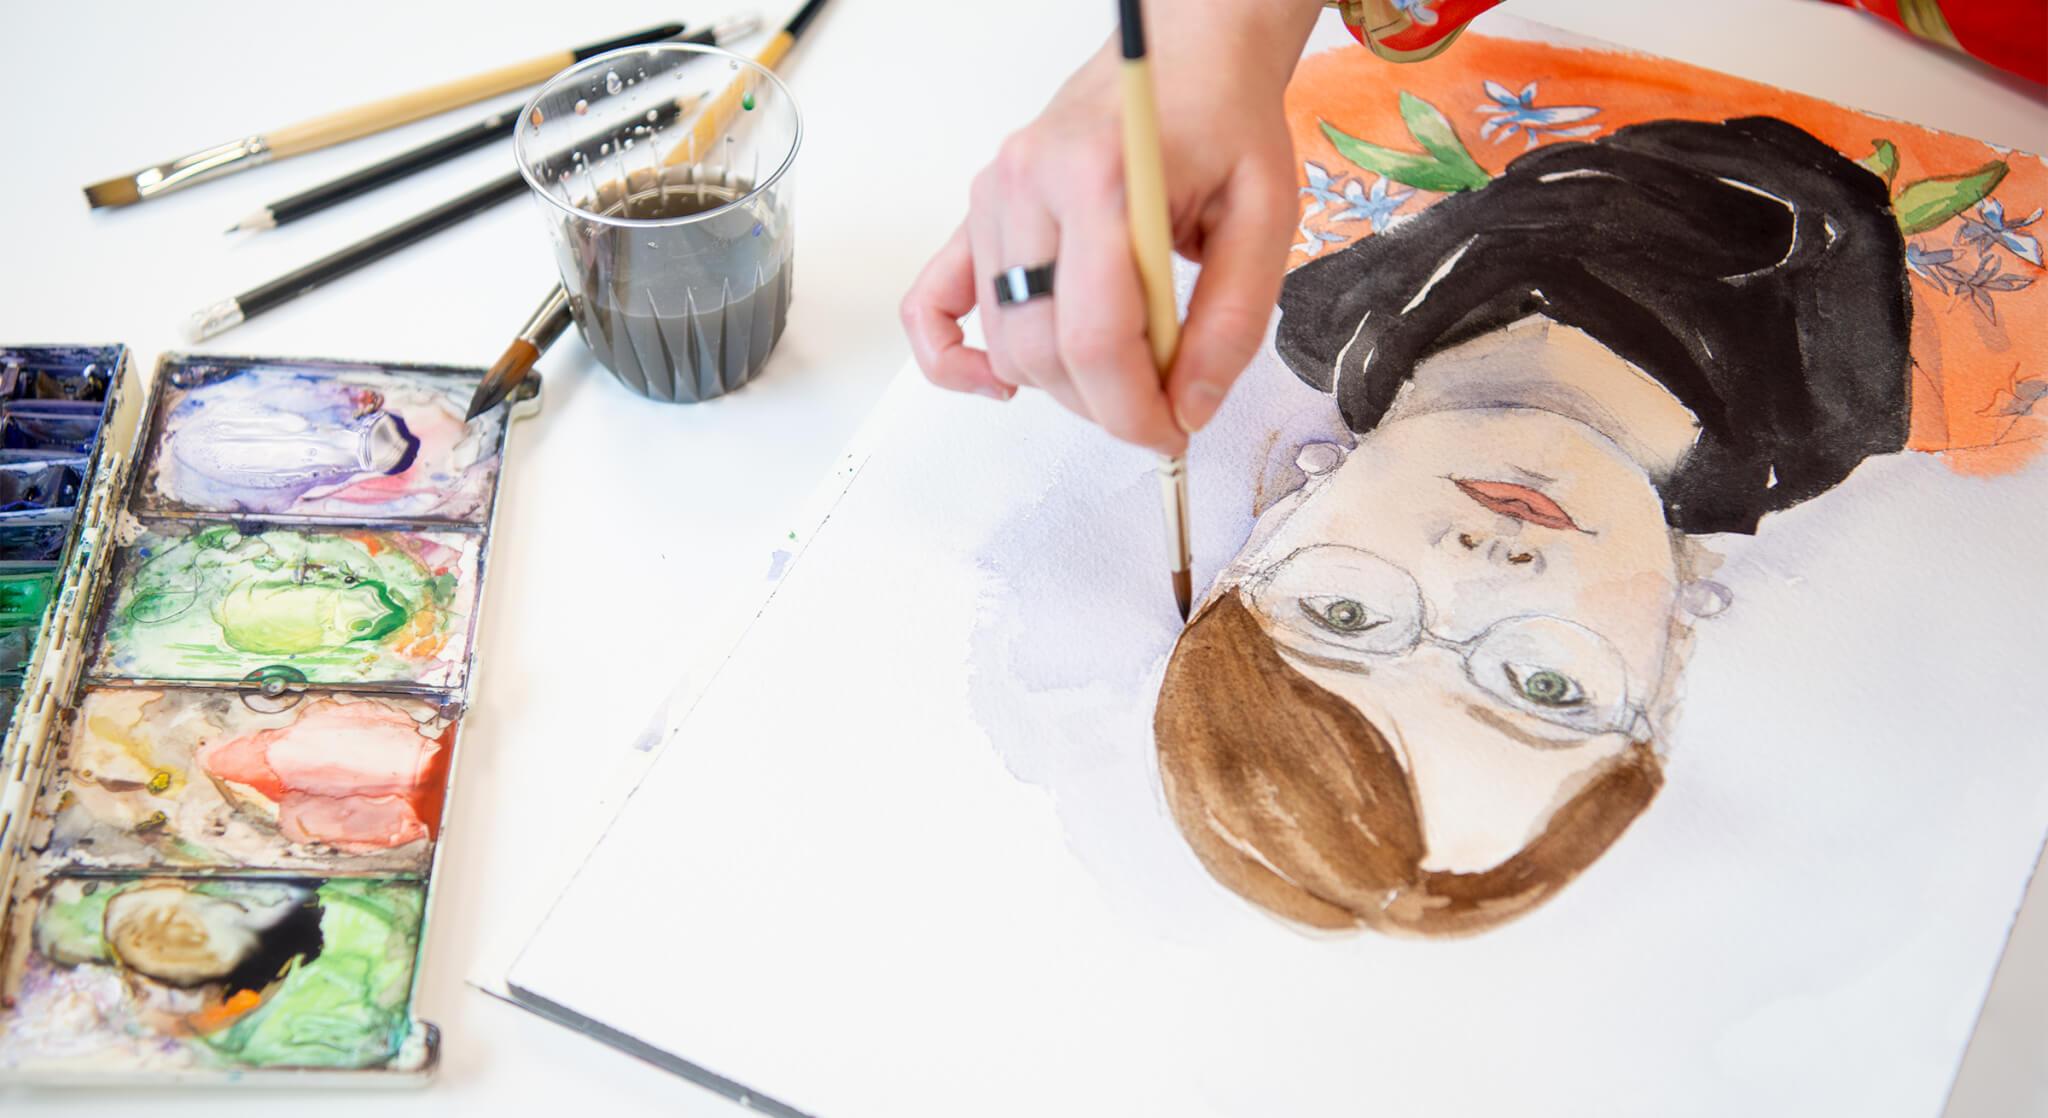 Kuvitukset, Design Inspis, maalaus: Miia Törmänen, omakuva.